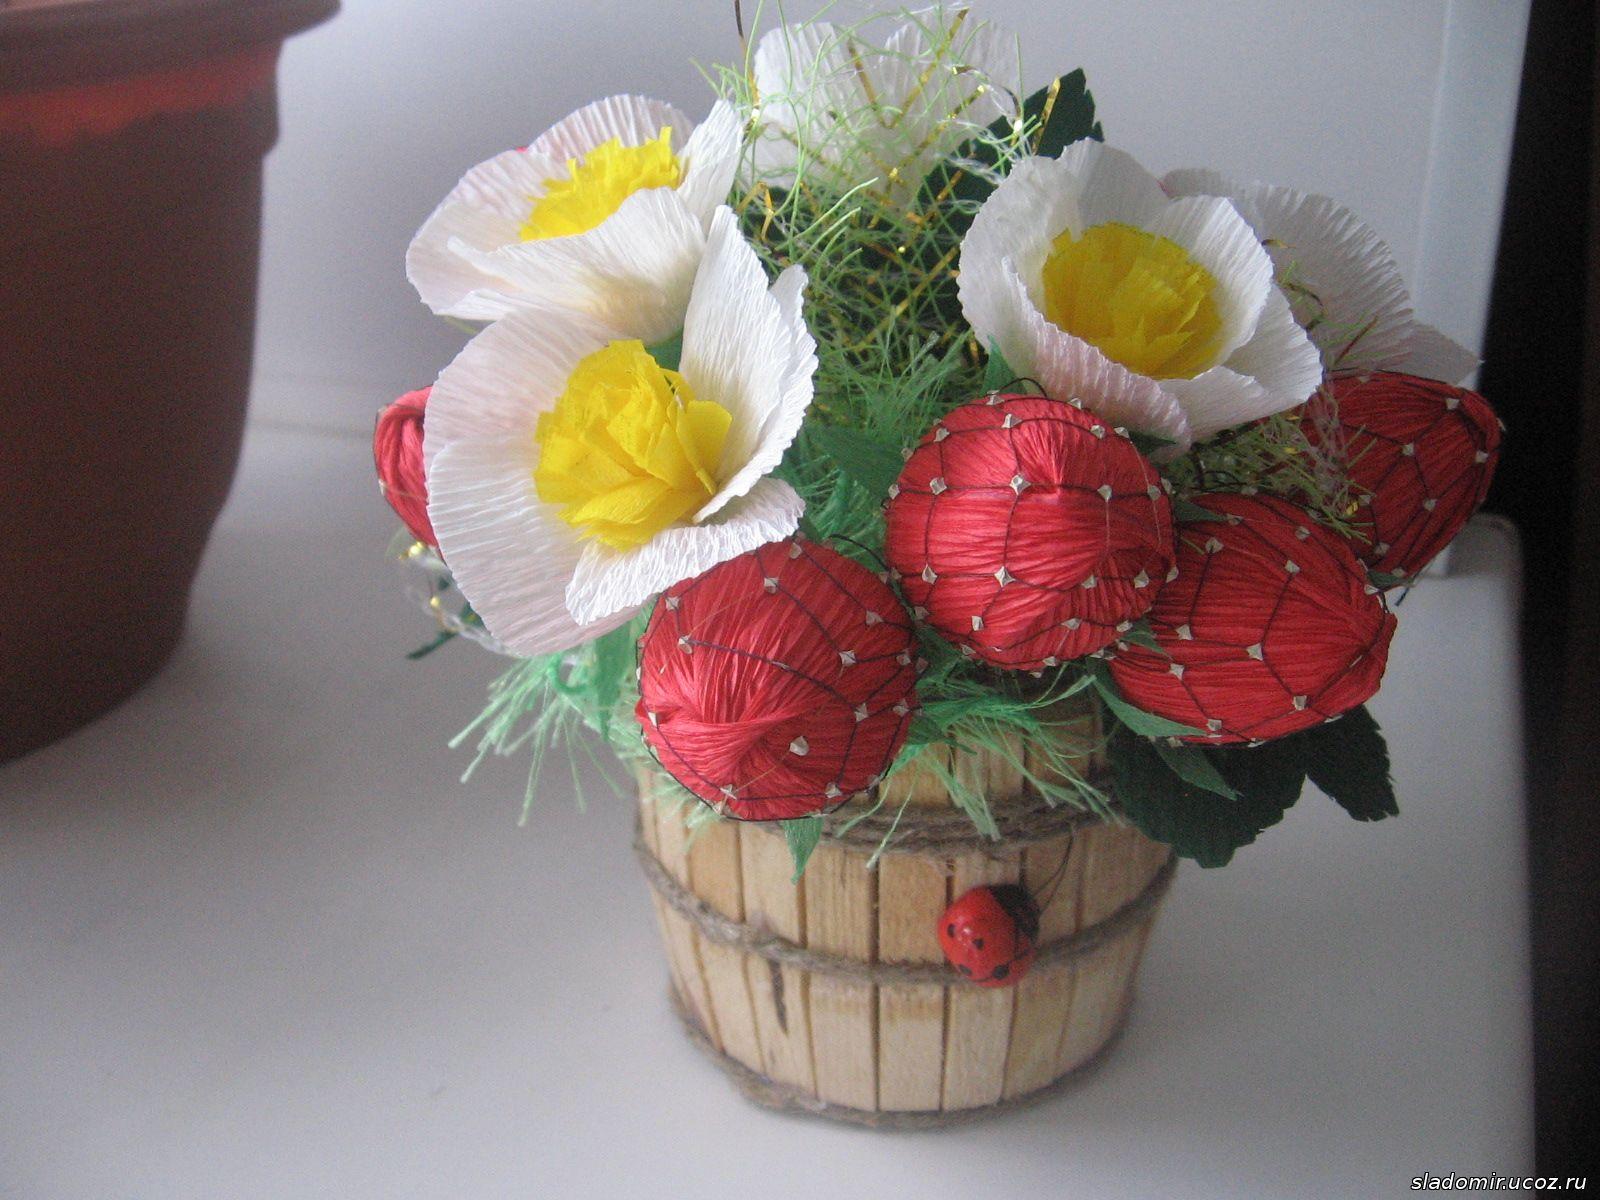 Ягода из конфет пошаговое фото для начинающих